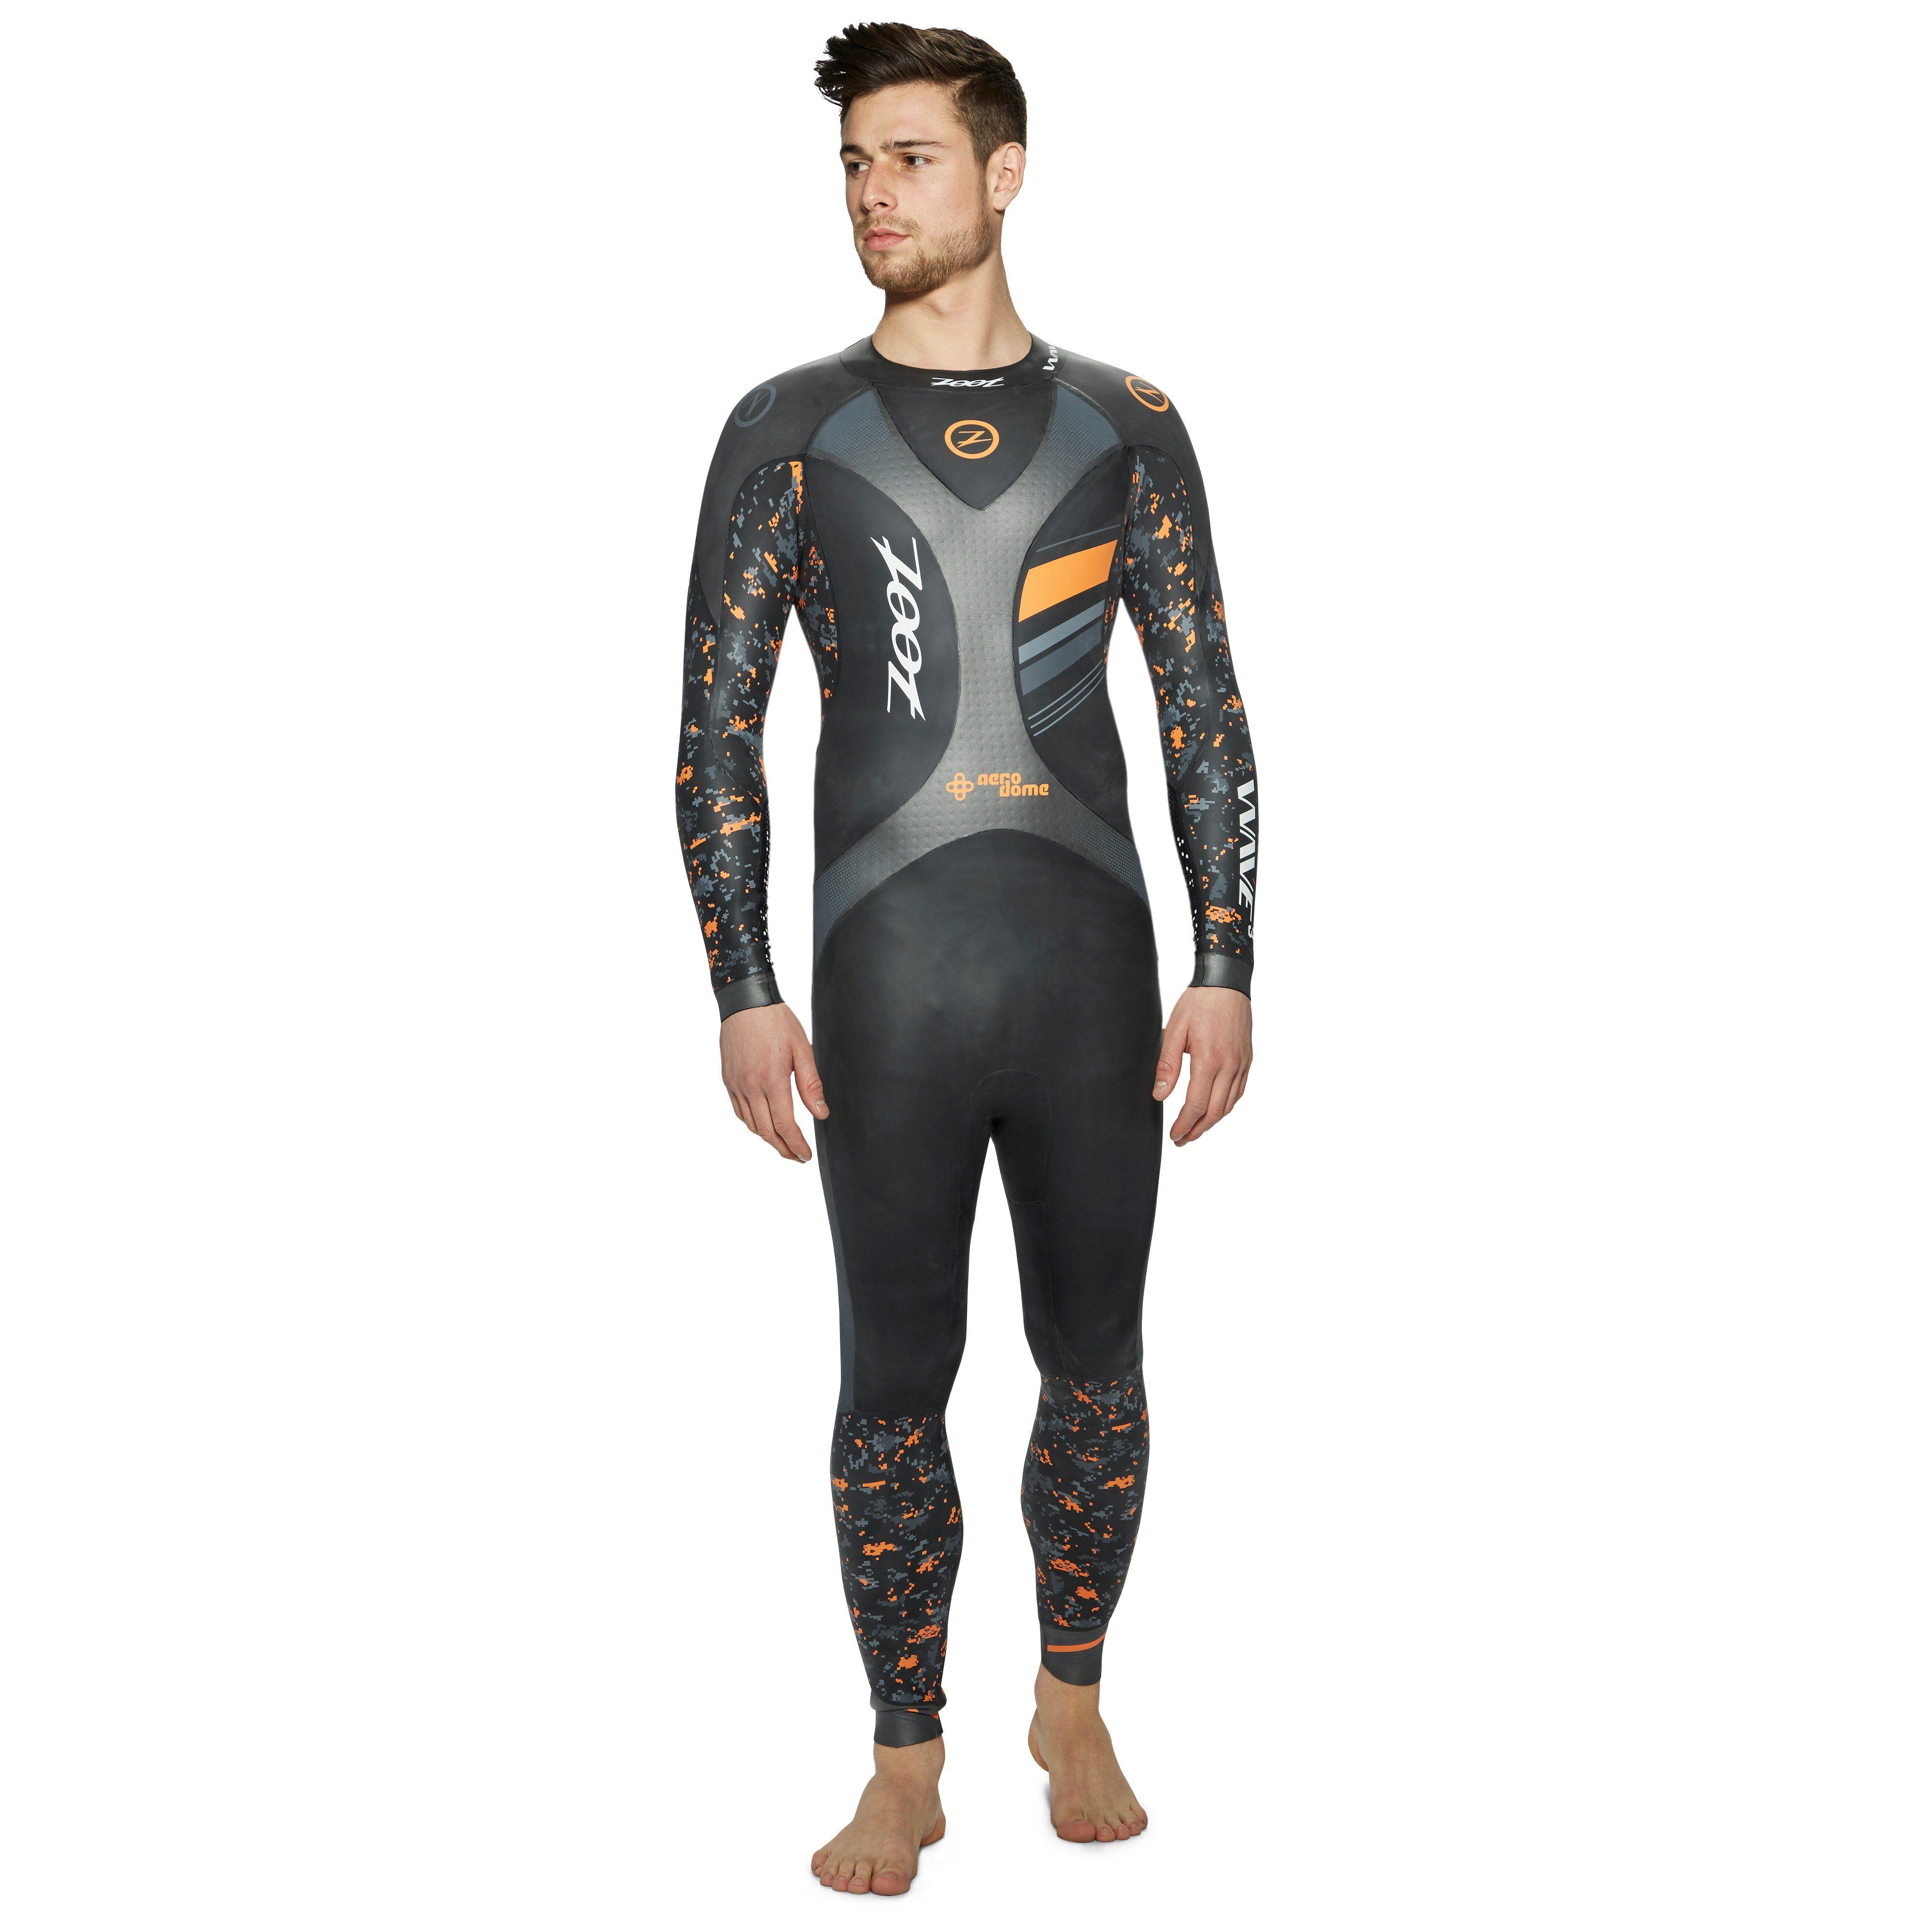 Zoot Wave 3 Men's Wetsuit